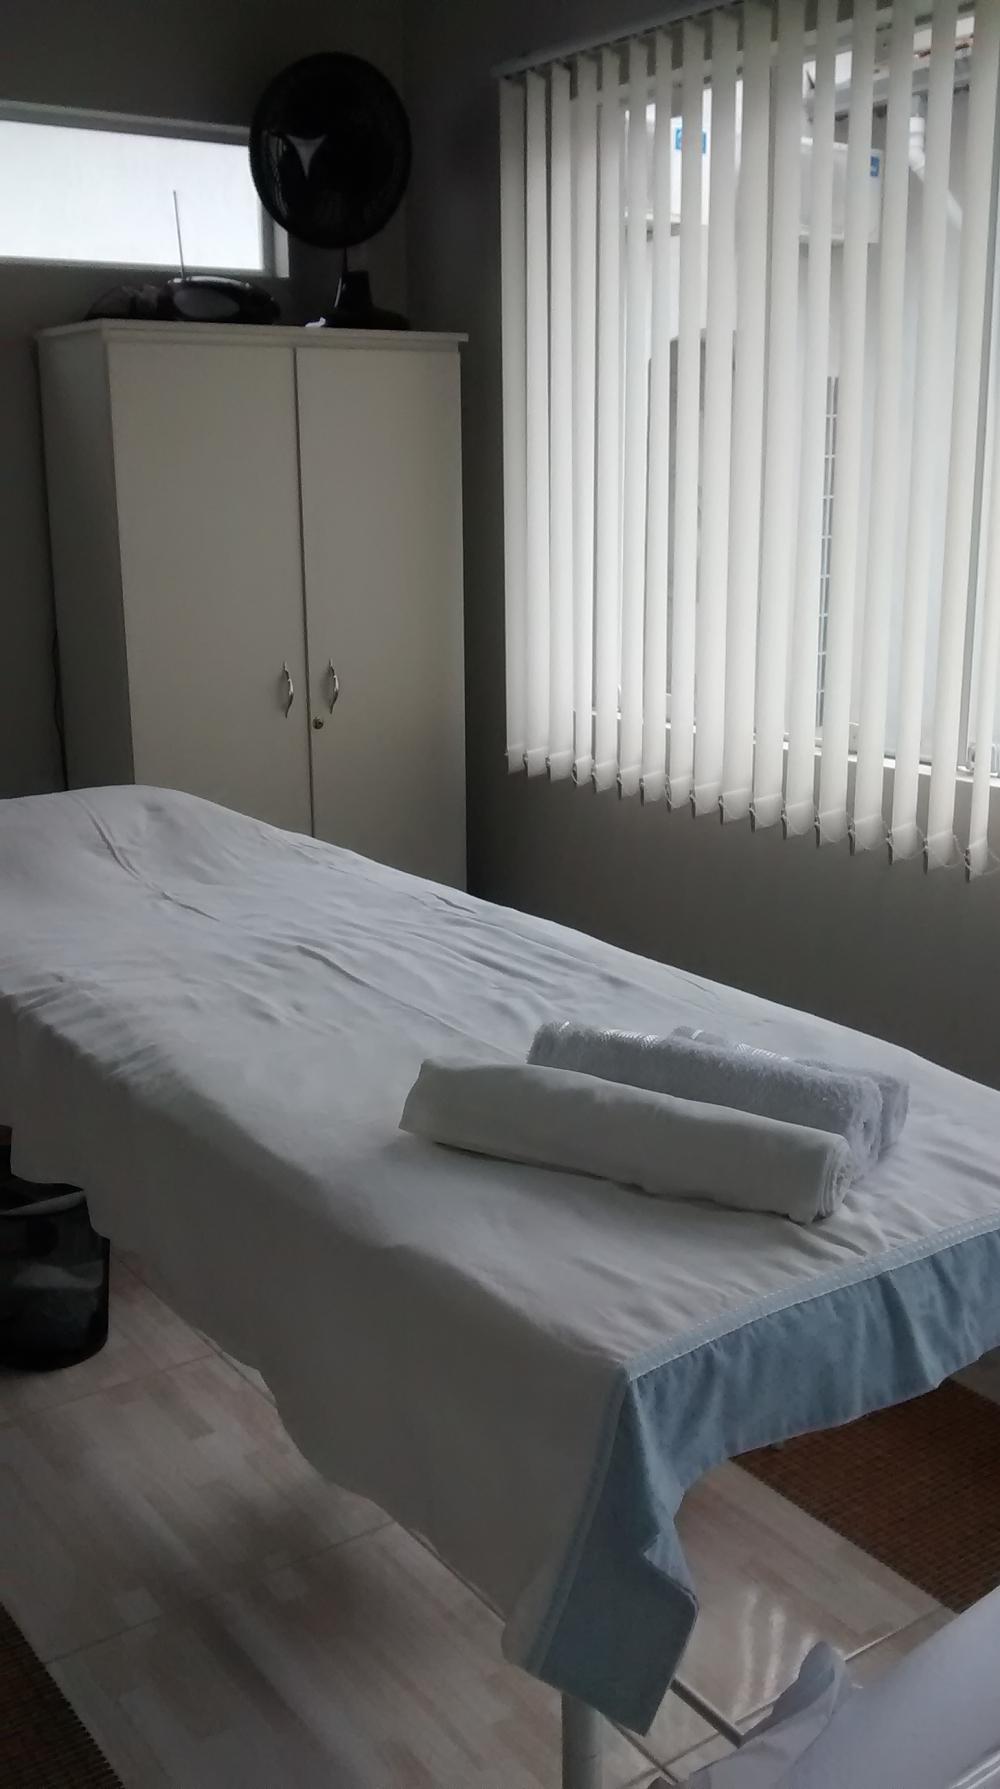 Tratamentos Estéticos para Estrias no Centro - Tratamentos Estéticos Corporais